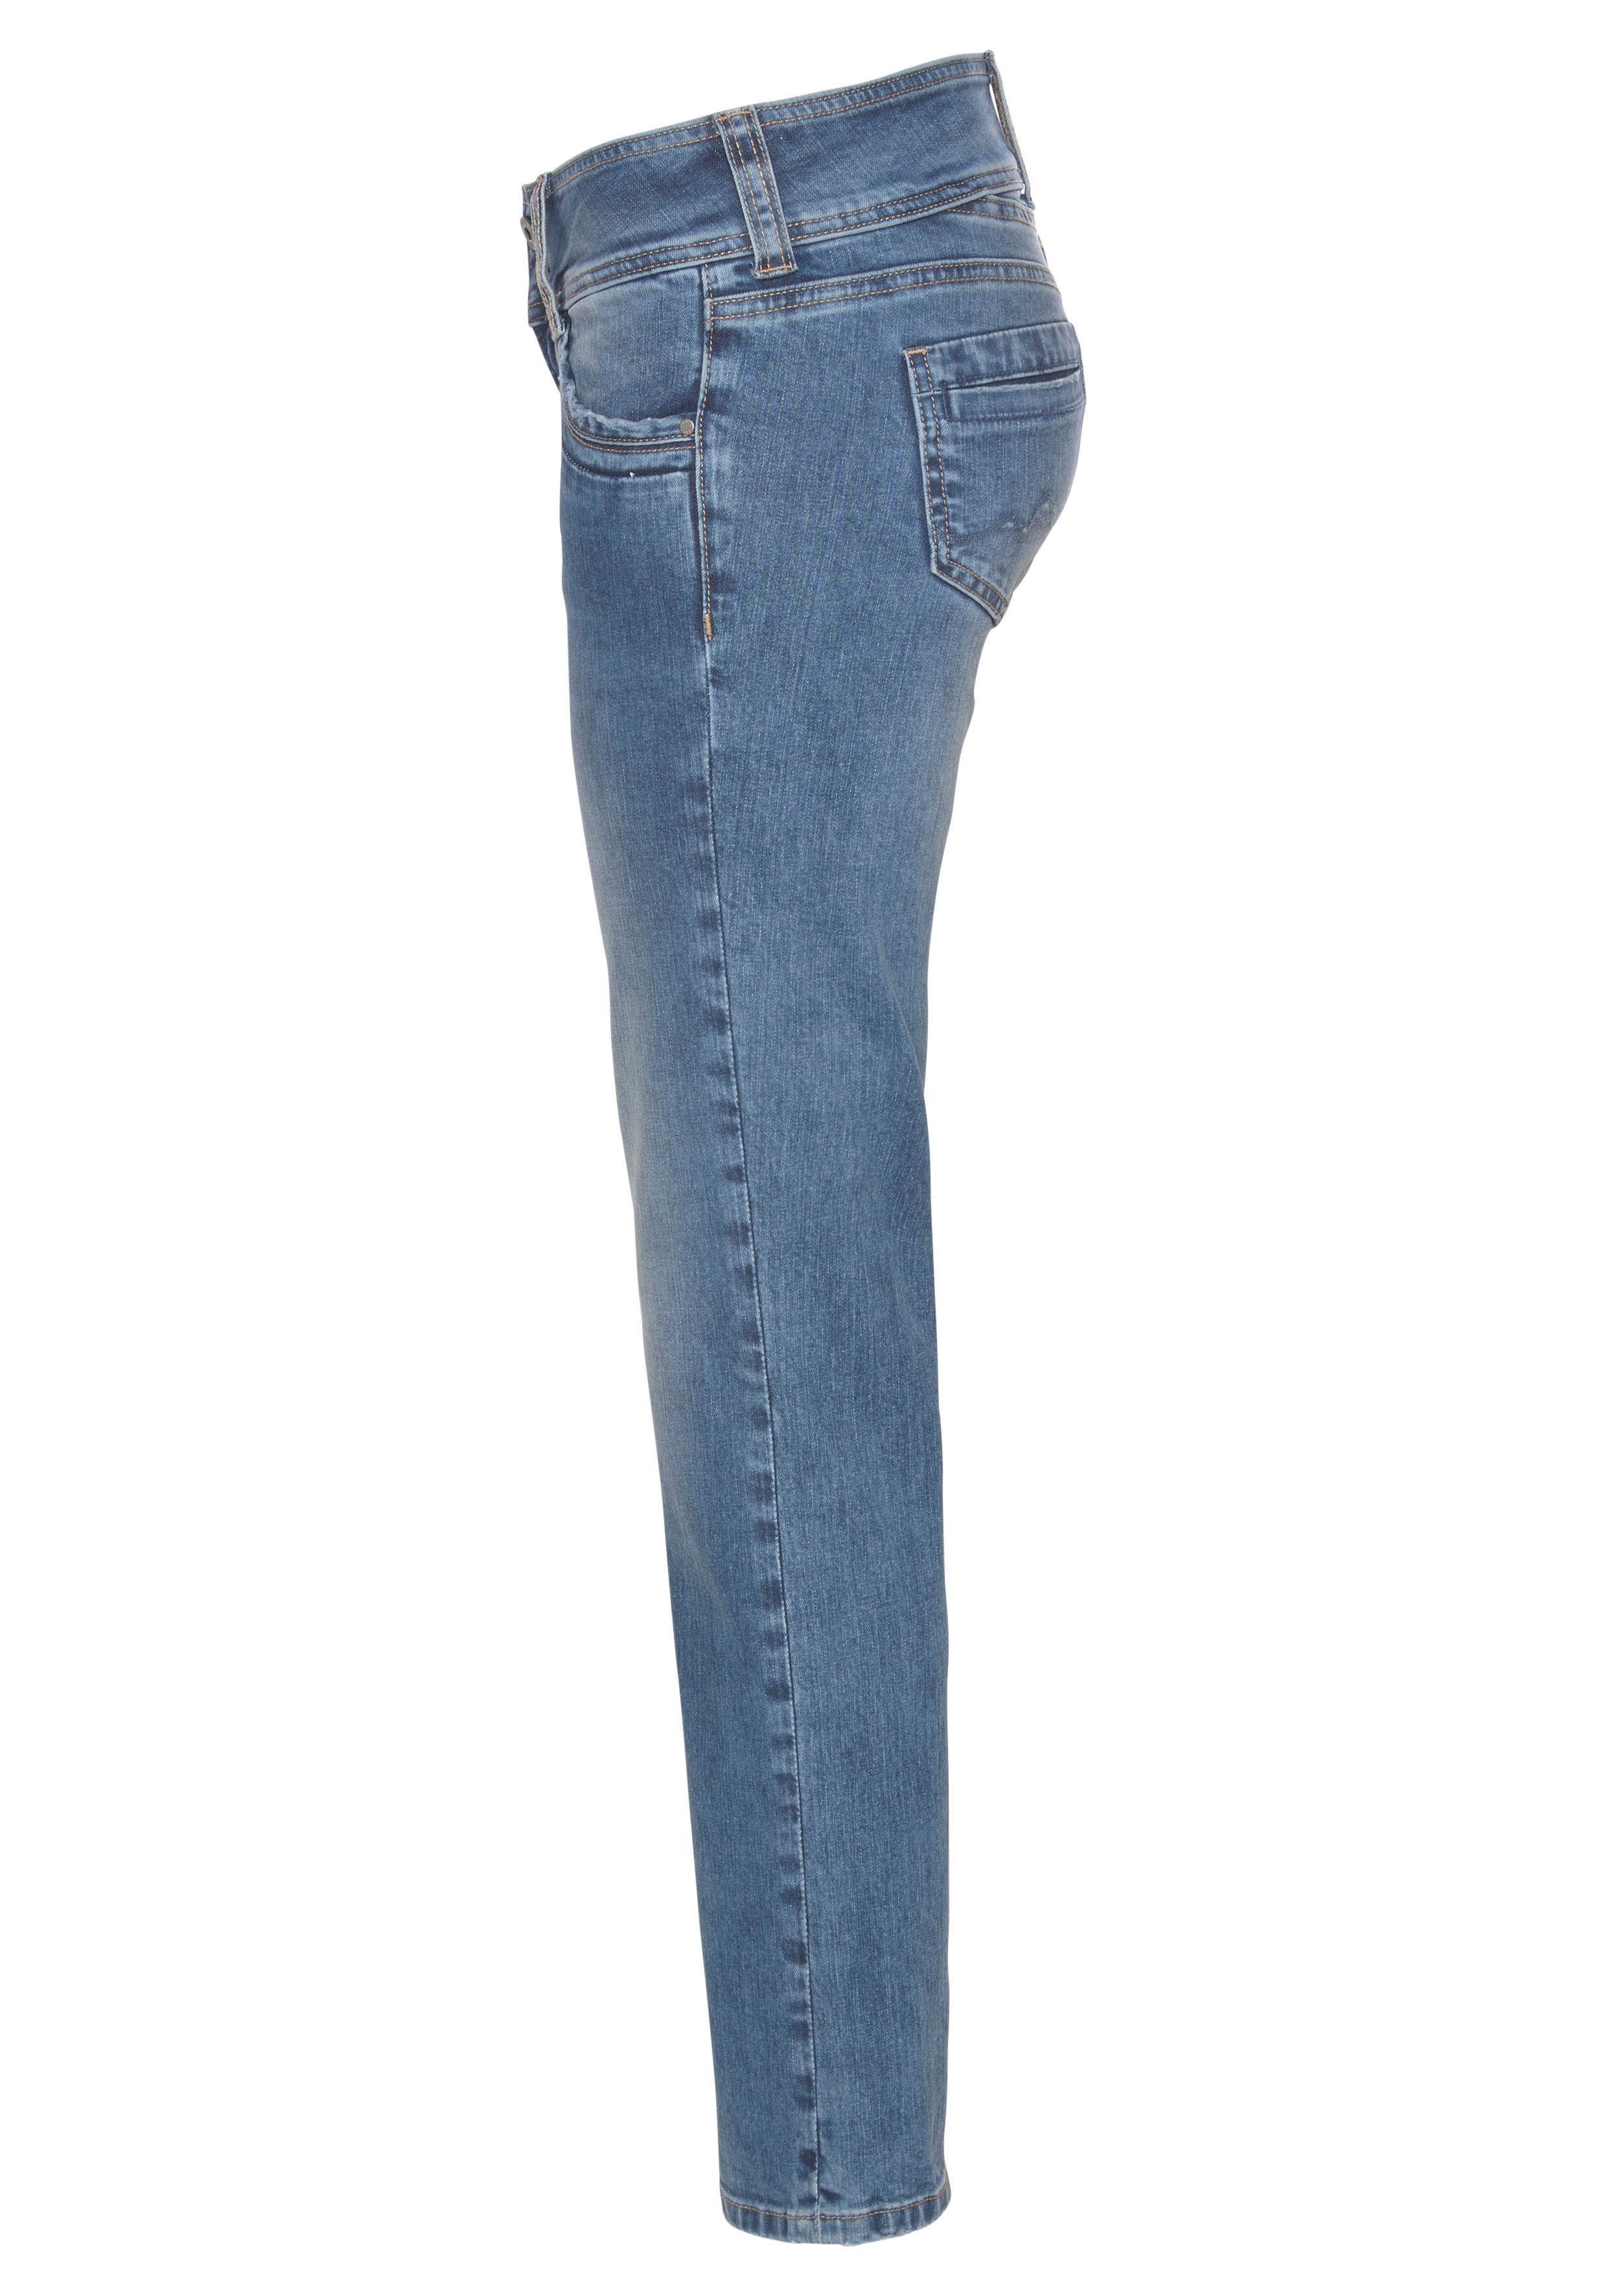 Pepe Jeans Straight-jeans Gen Nu Online Kopen - Geweldige Prijs